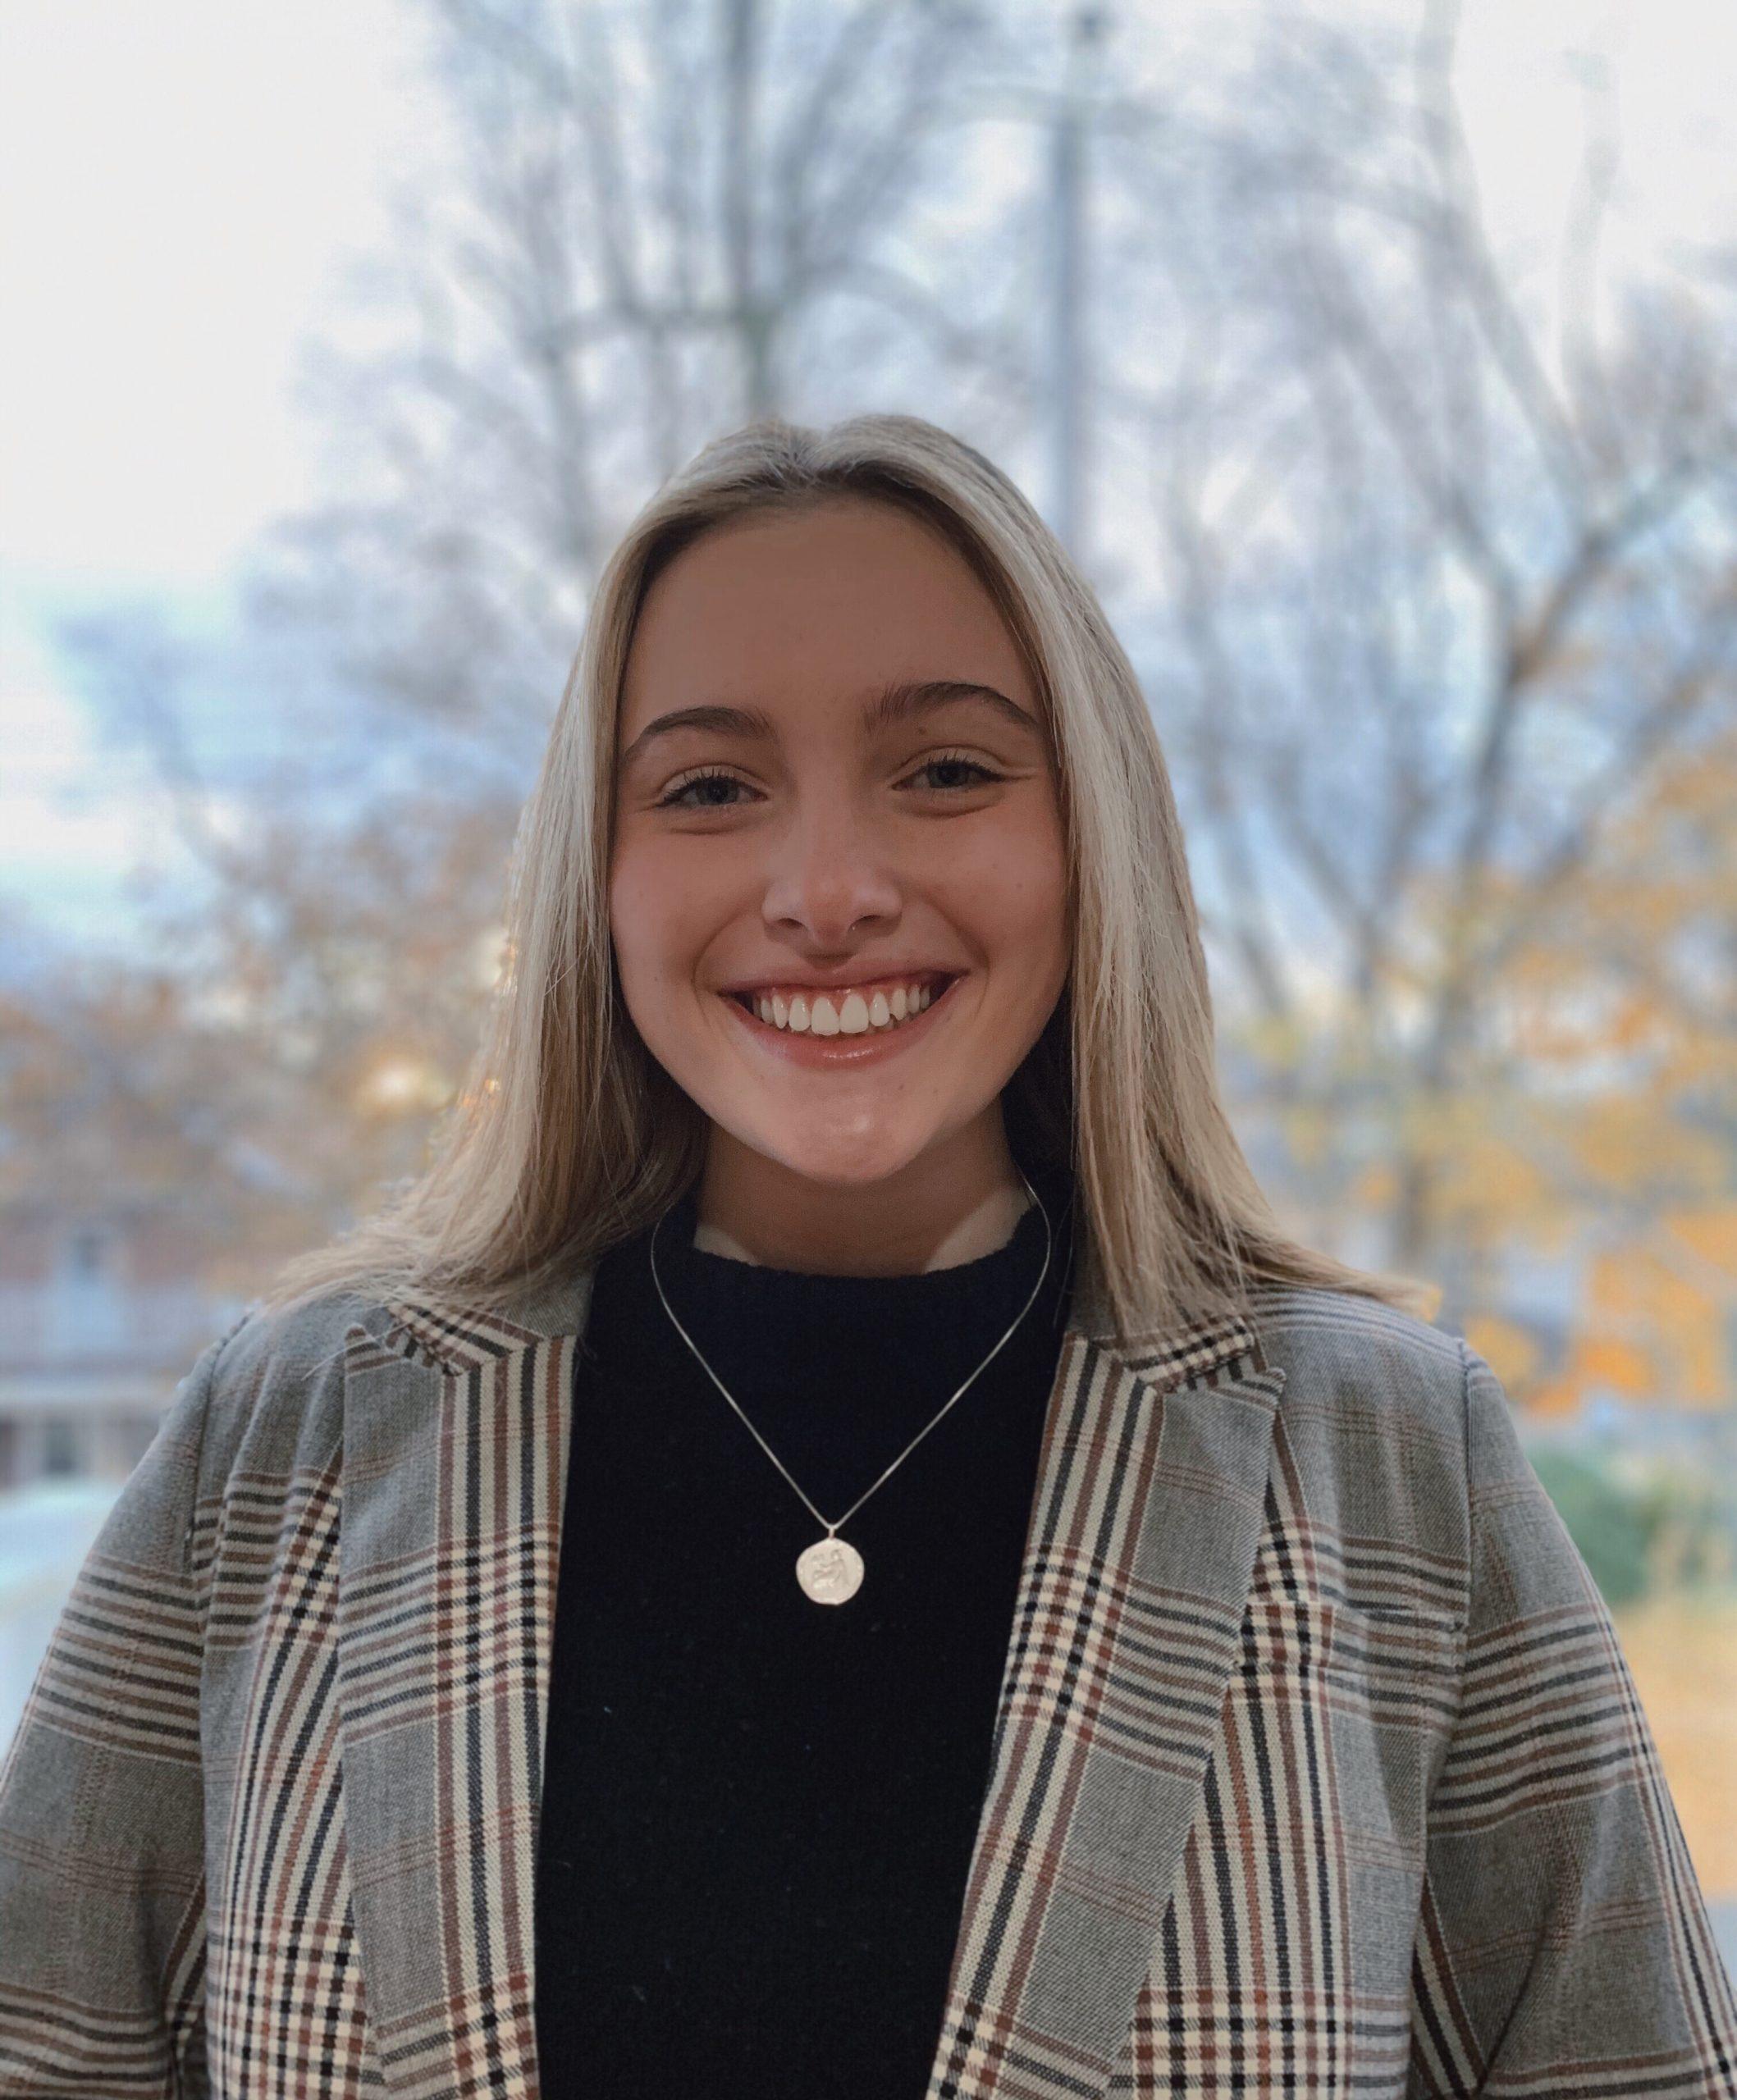 Student Spotlight: Emily Ogston